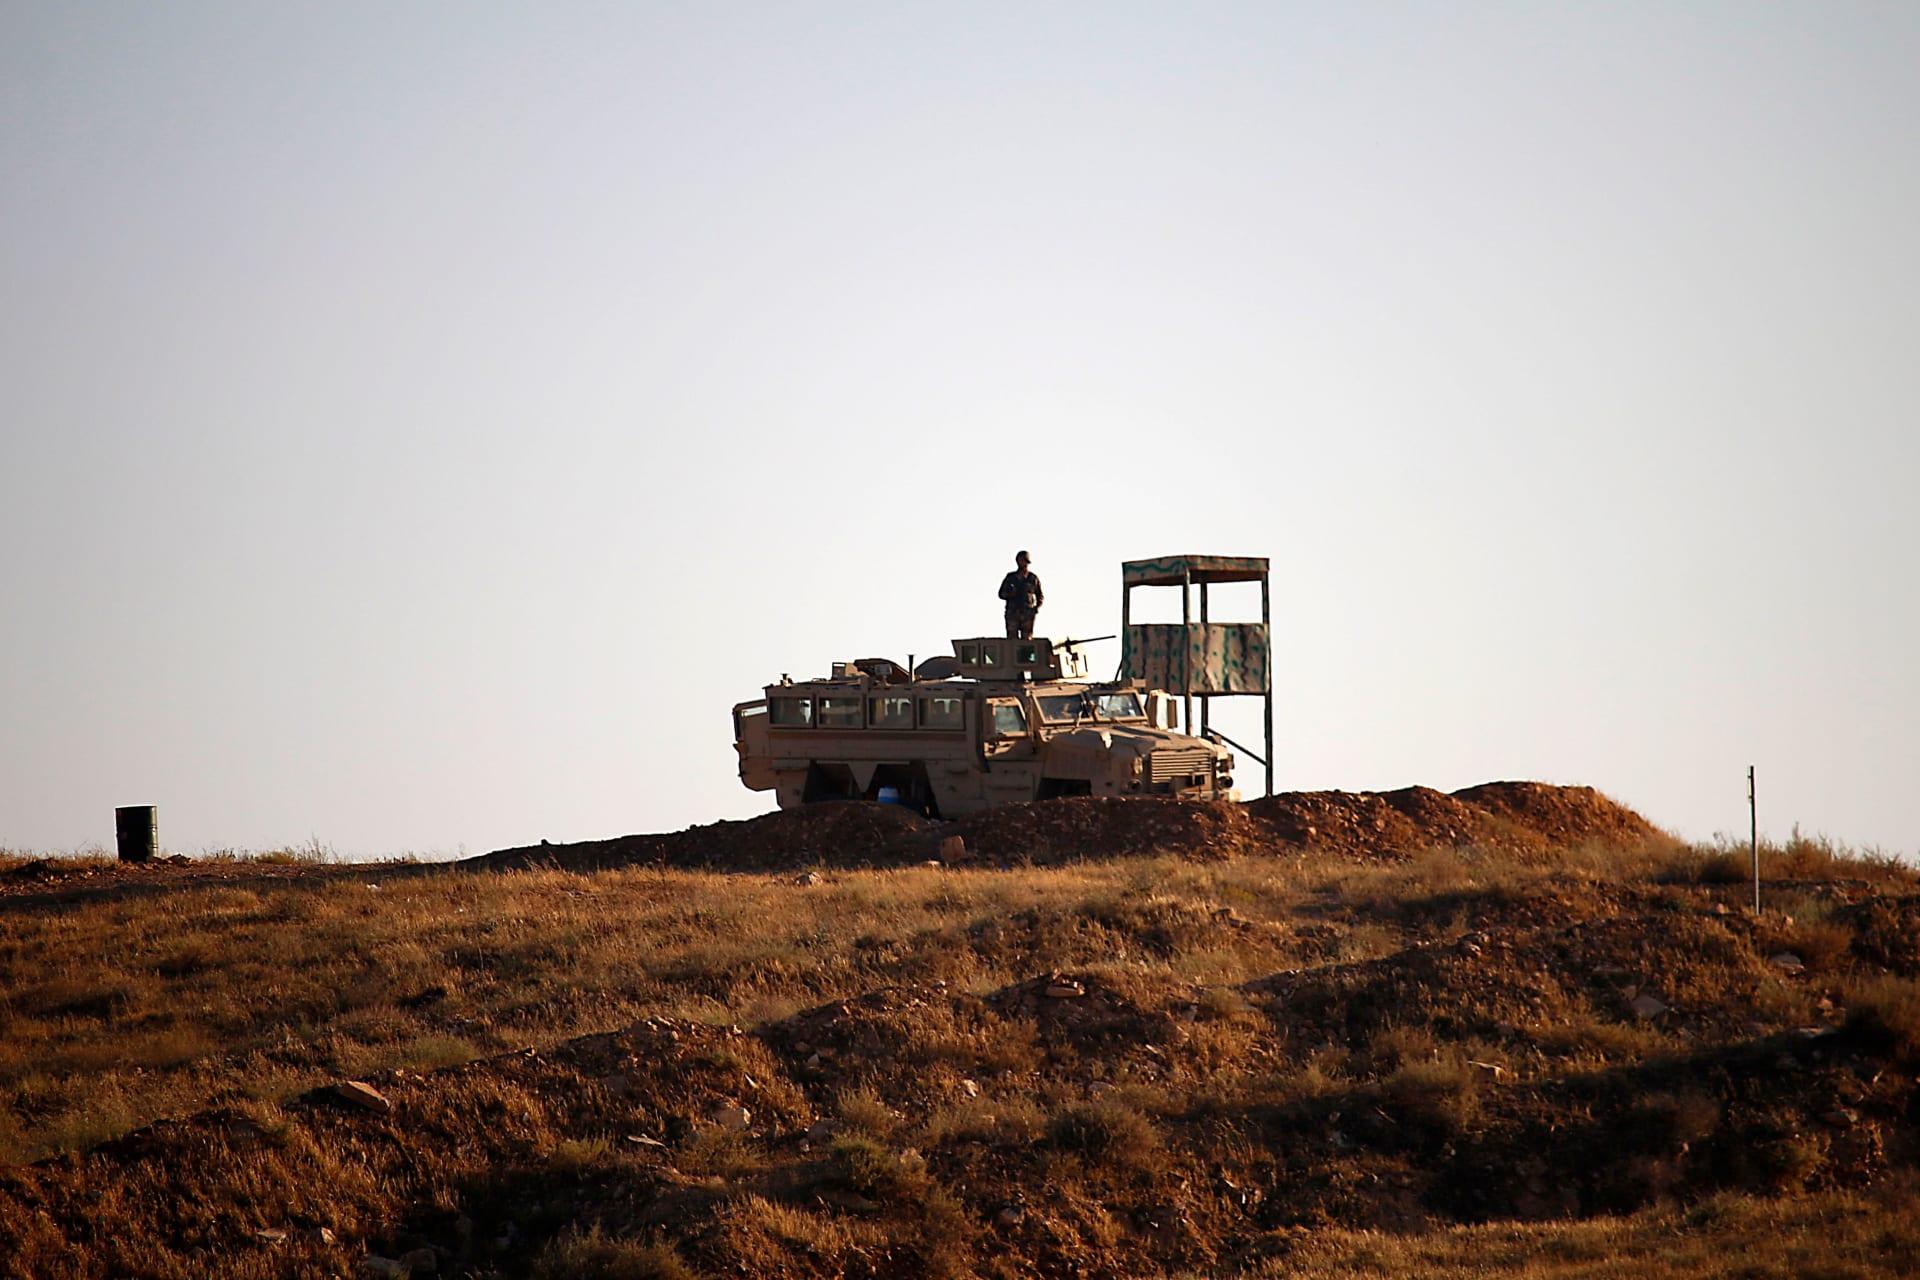 مصدر أردني يؤكد سقوط قنابل غرب الرمثا وينفي اختراق مقاتلات سورية أو روسية للأجواء